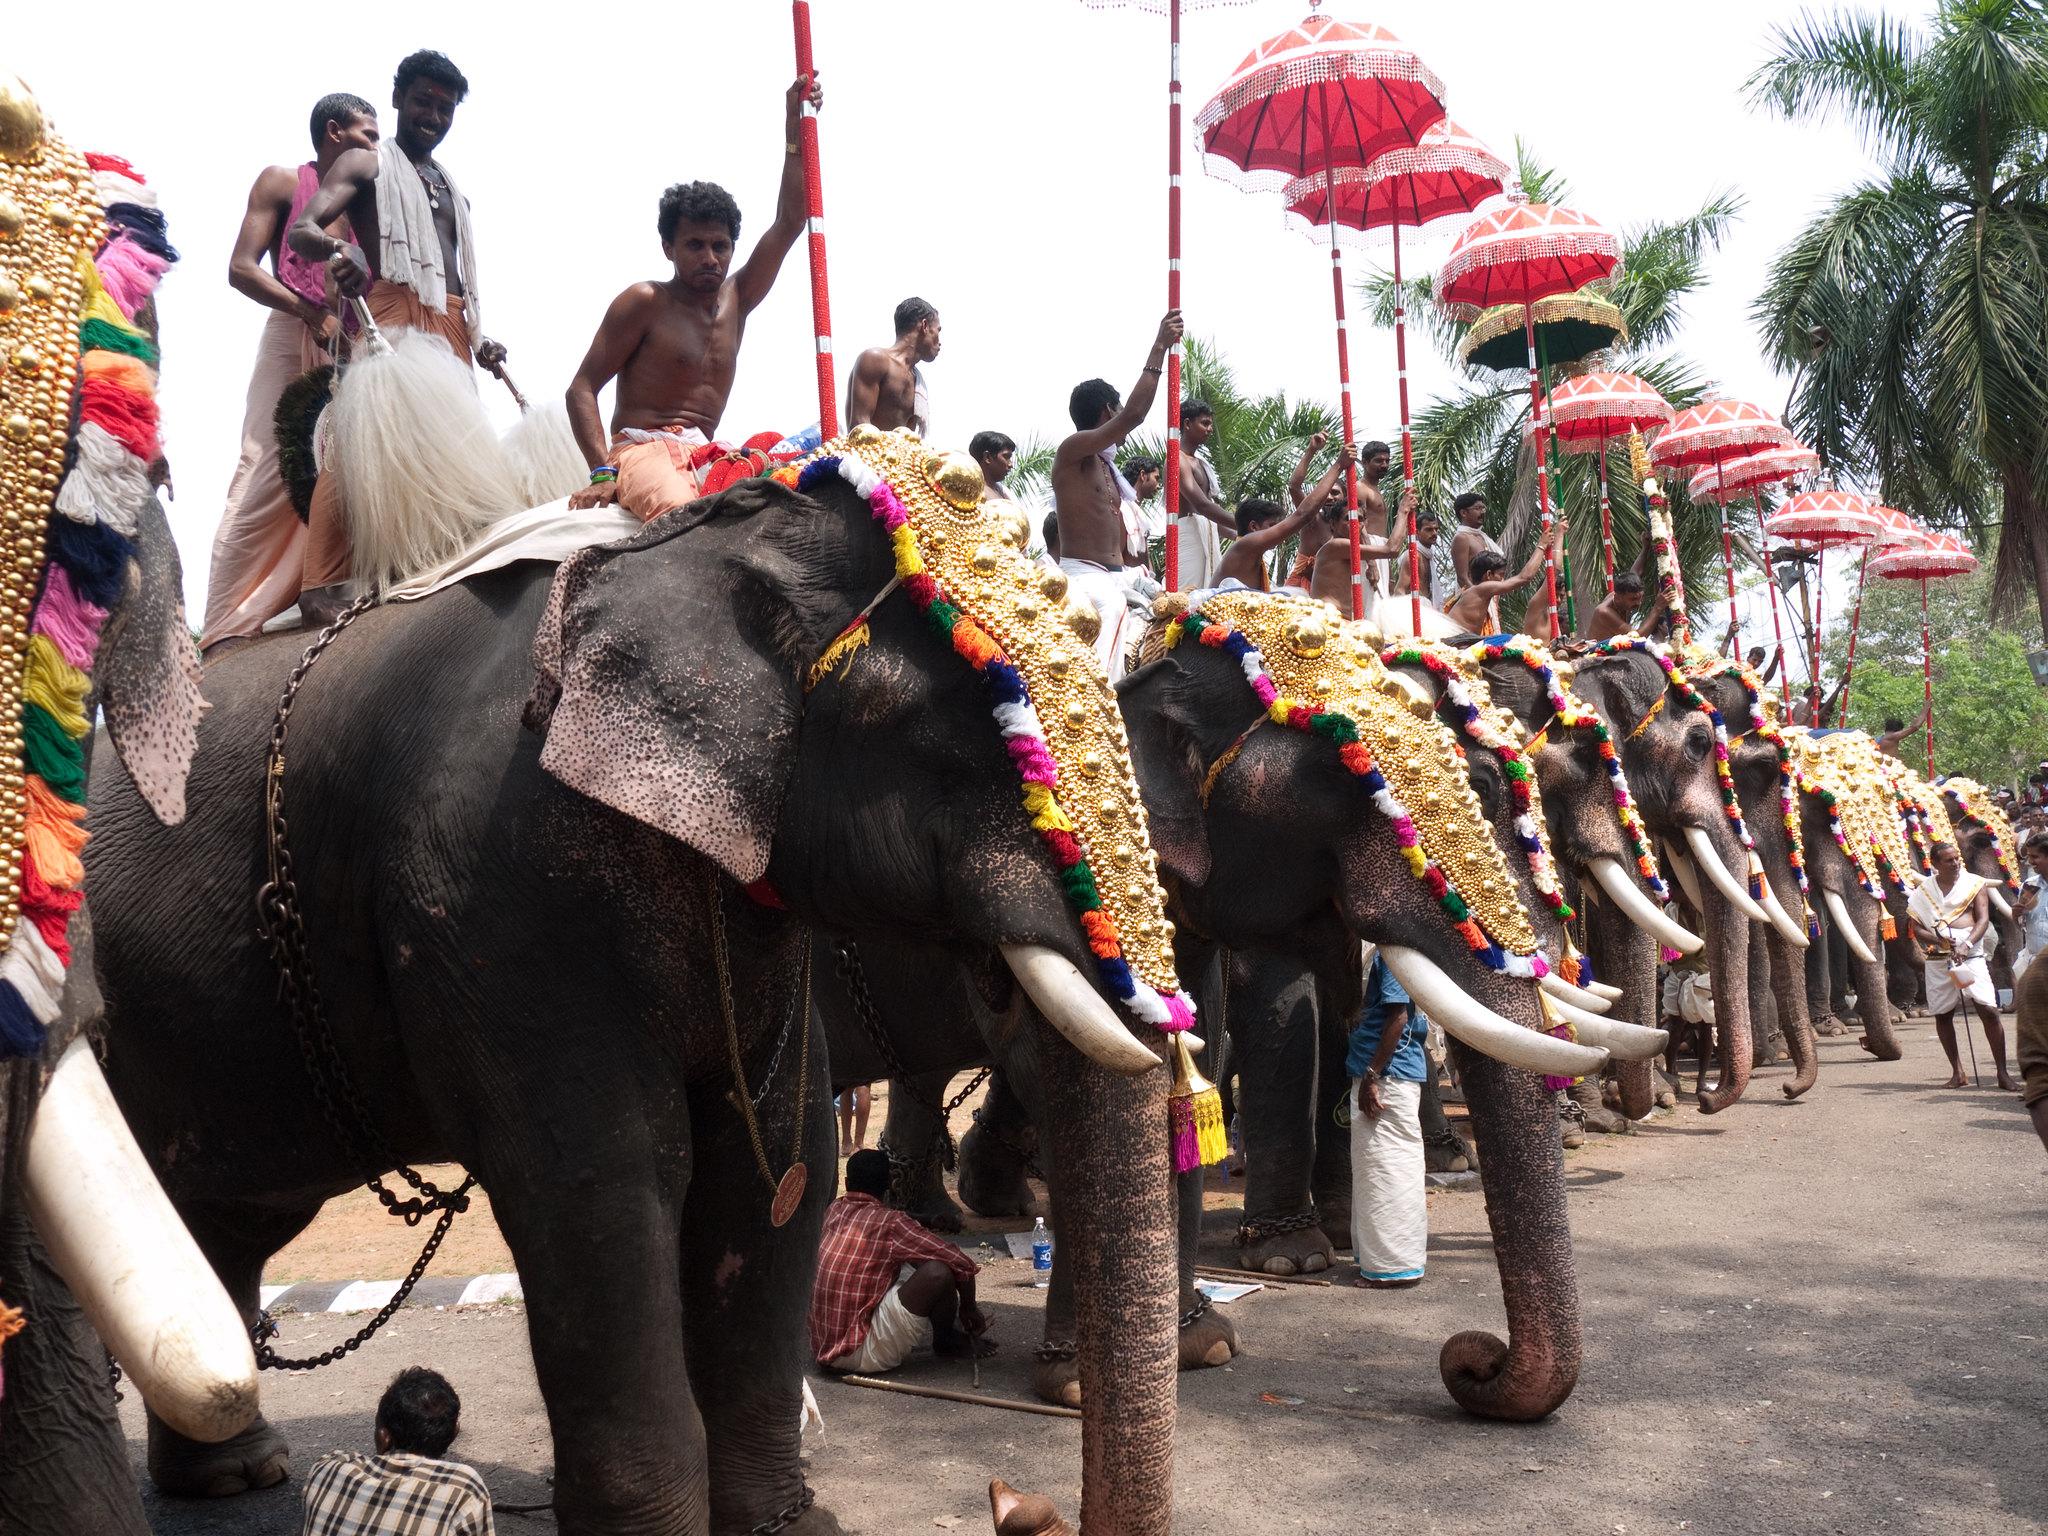 festivals in kerala, weather in Kerala